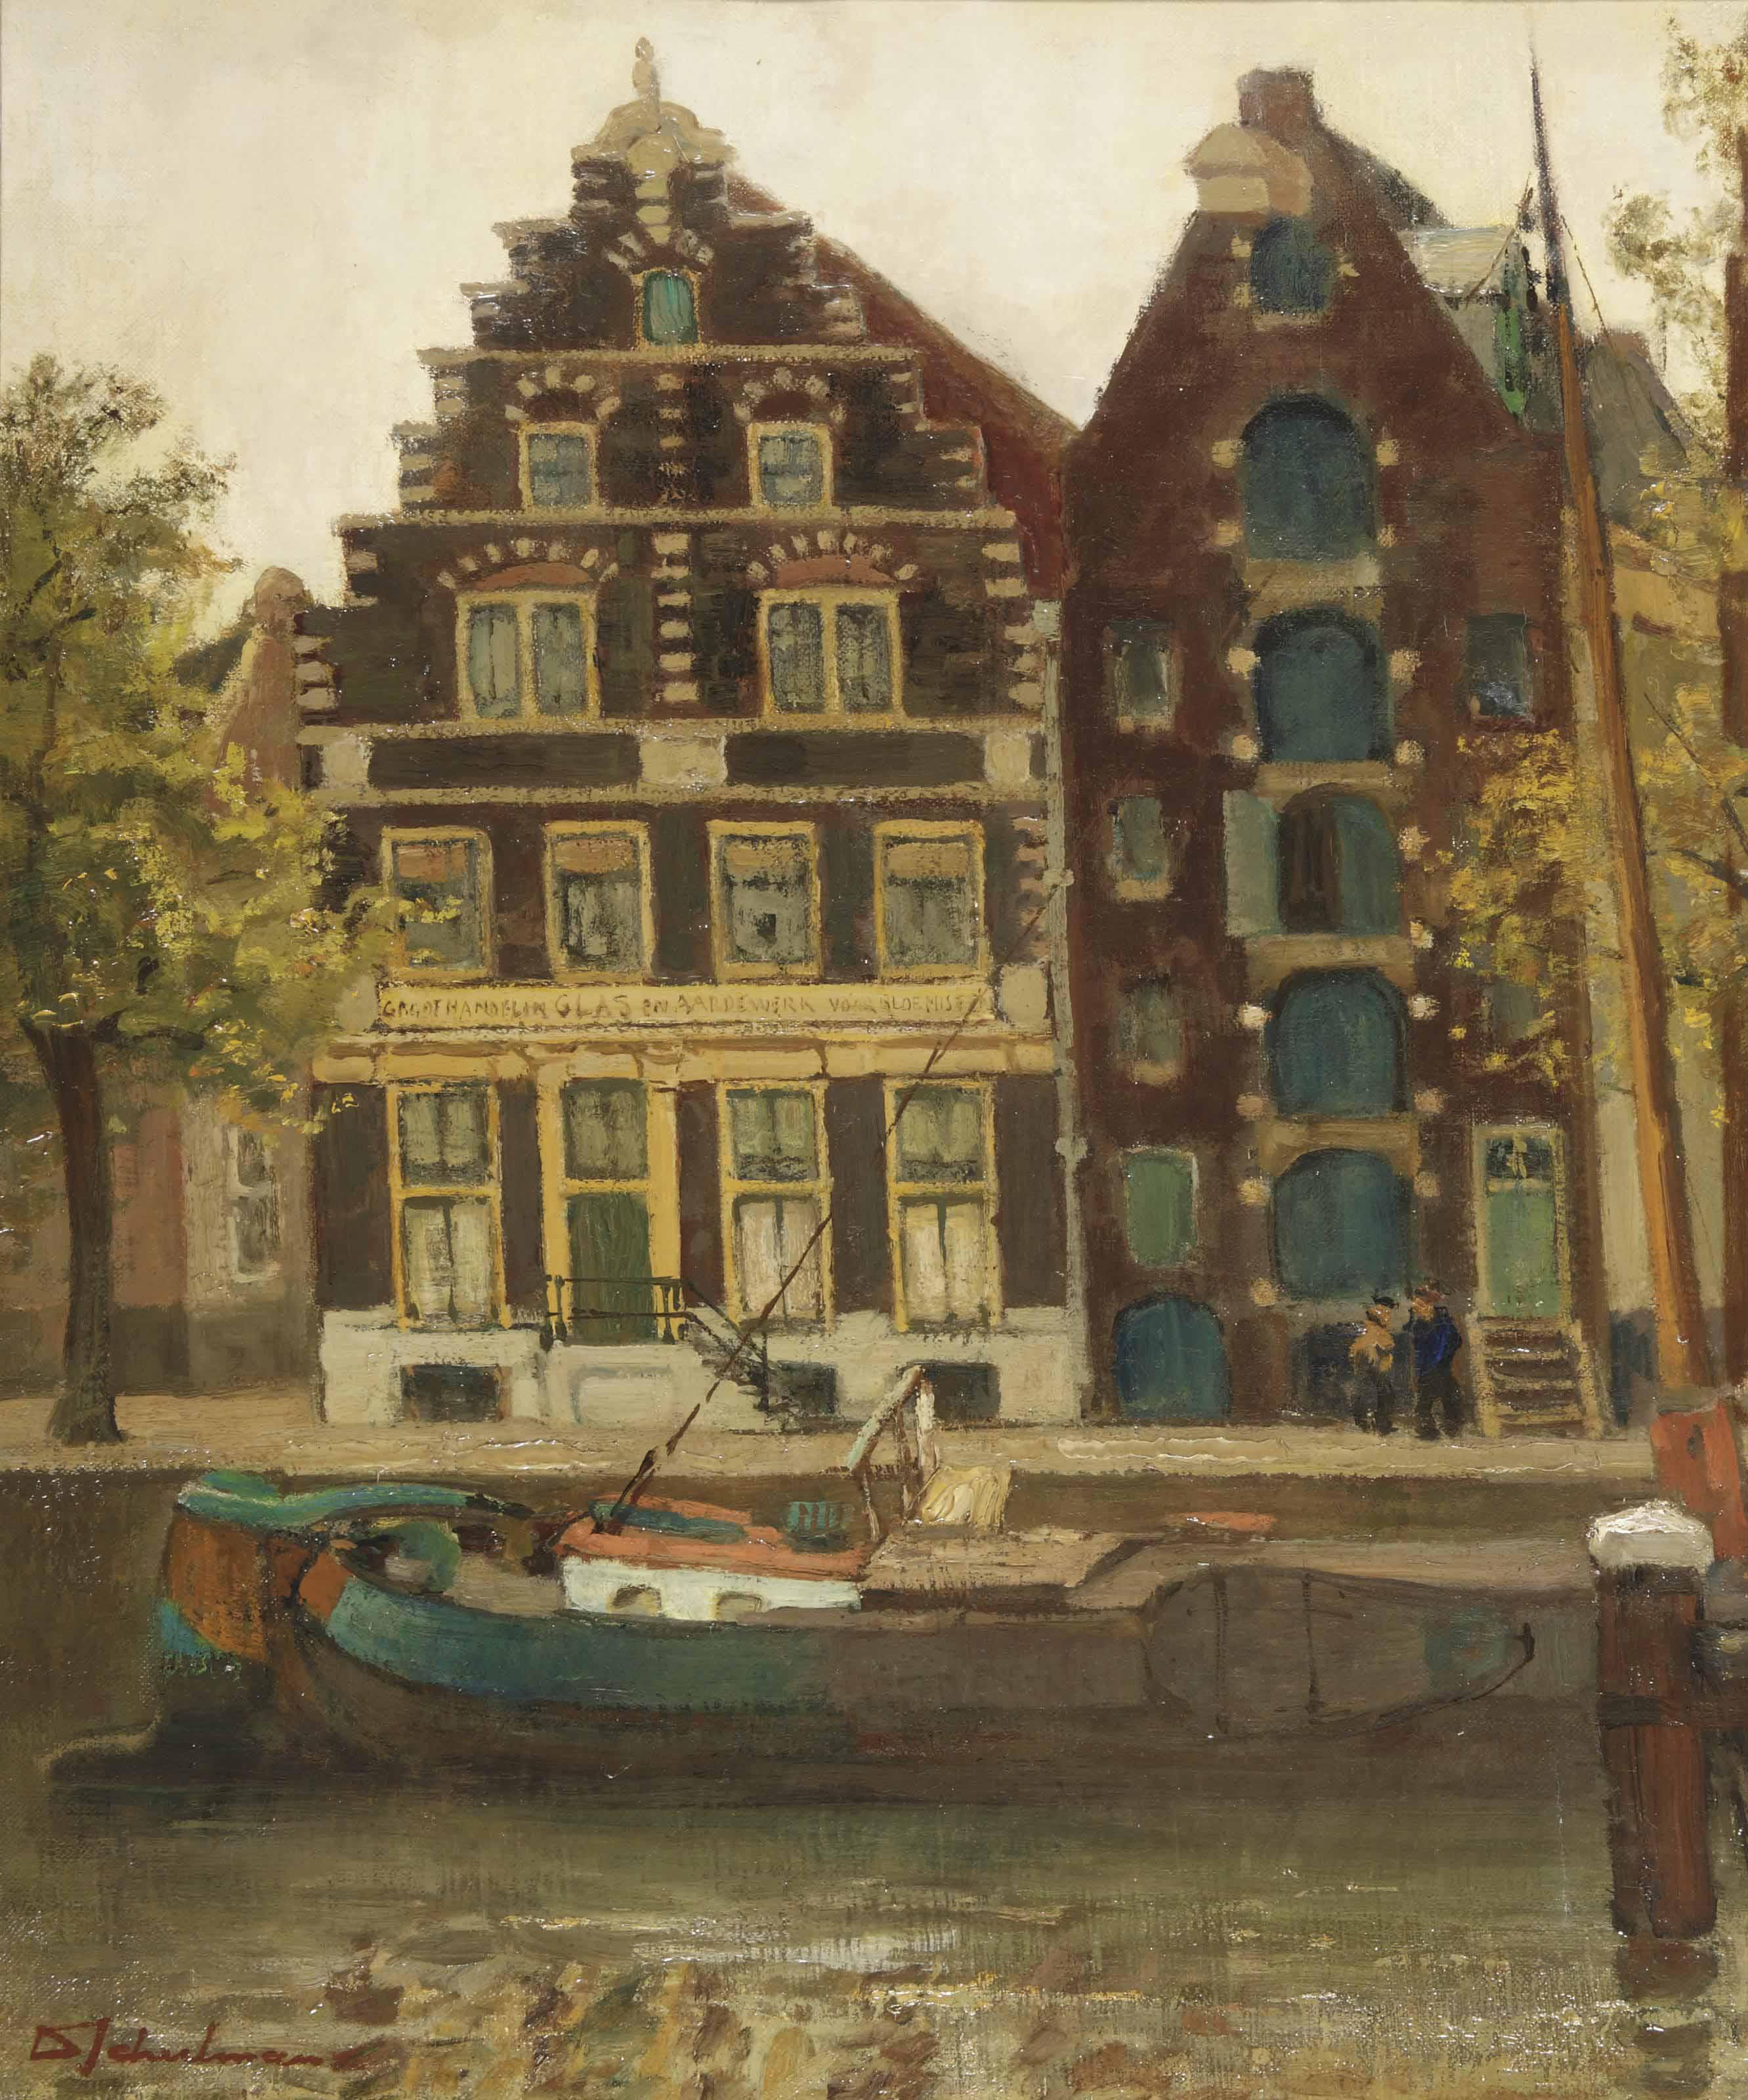 Gelderschekade, Amsterdam